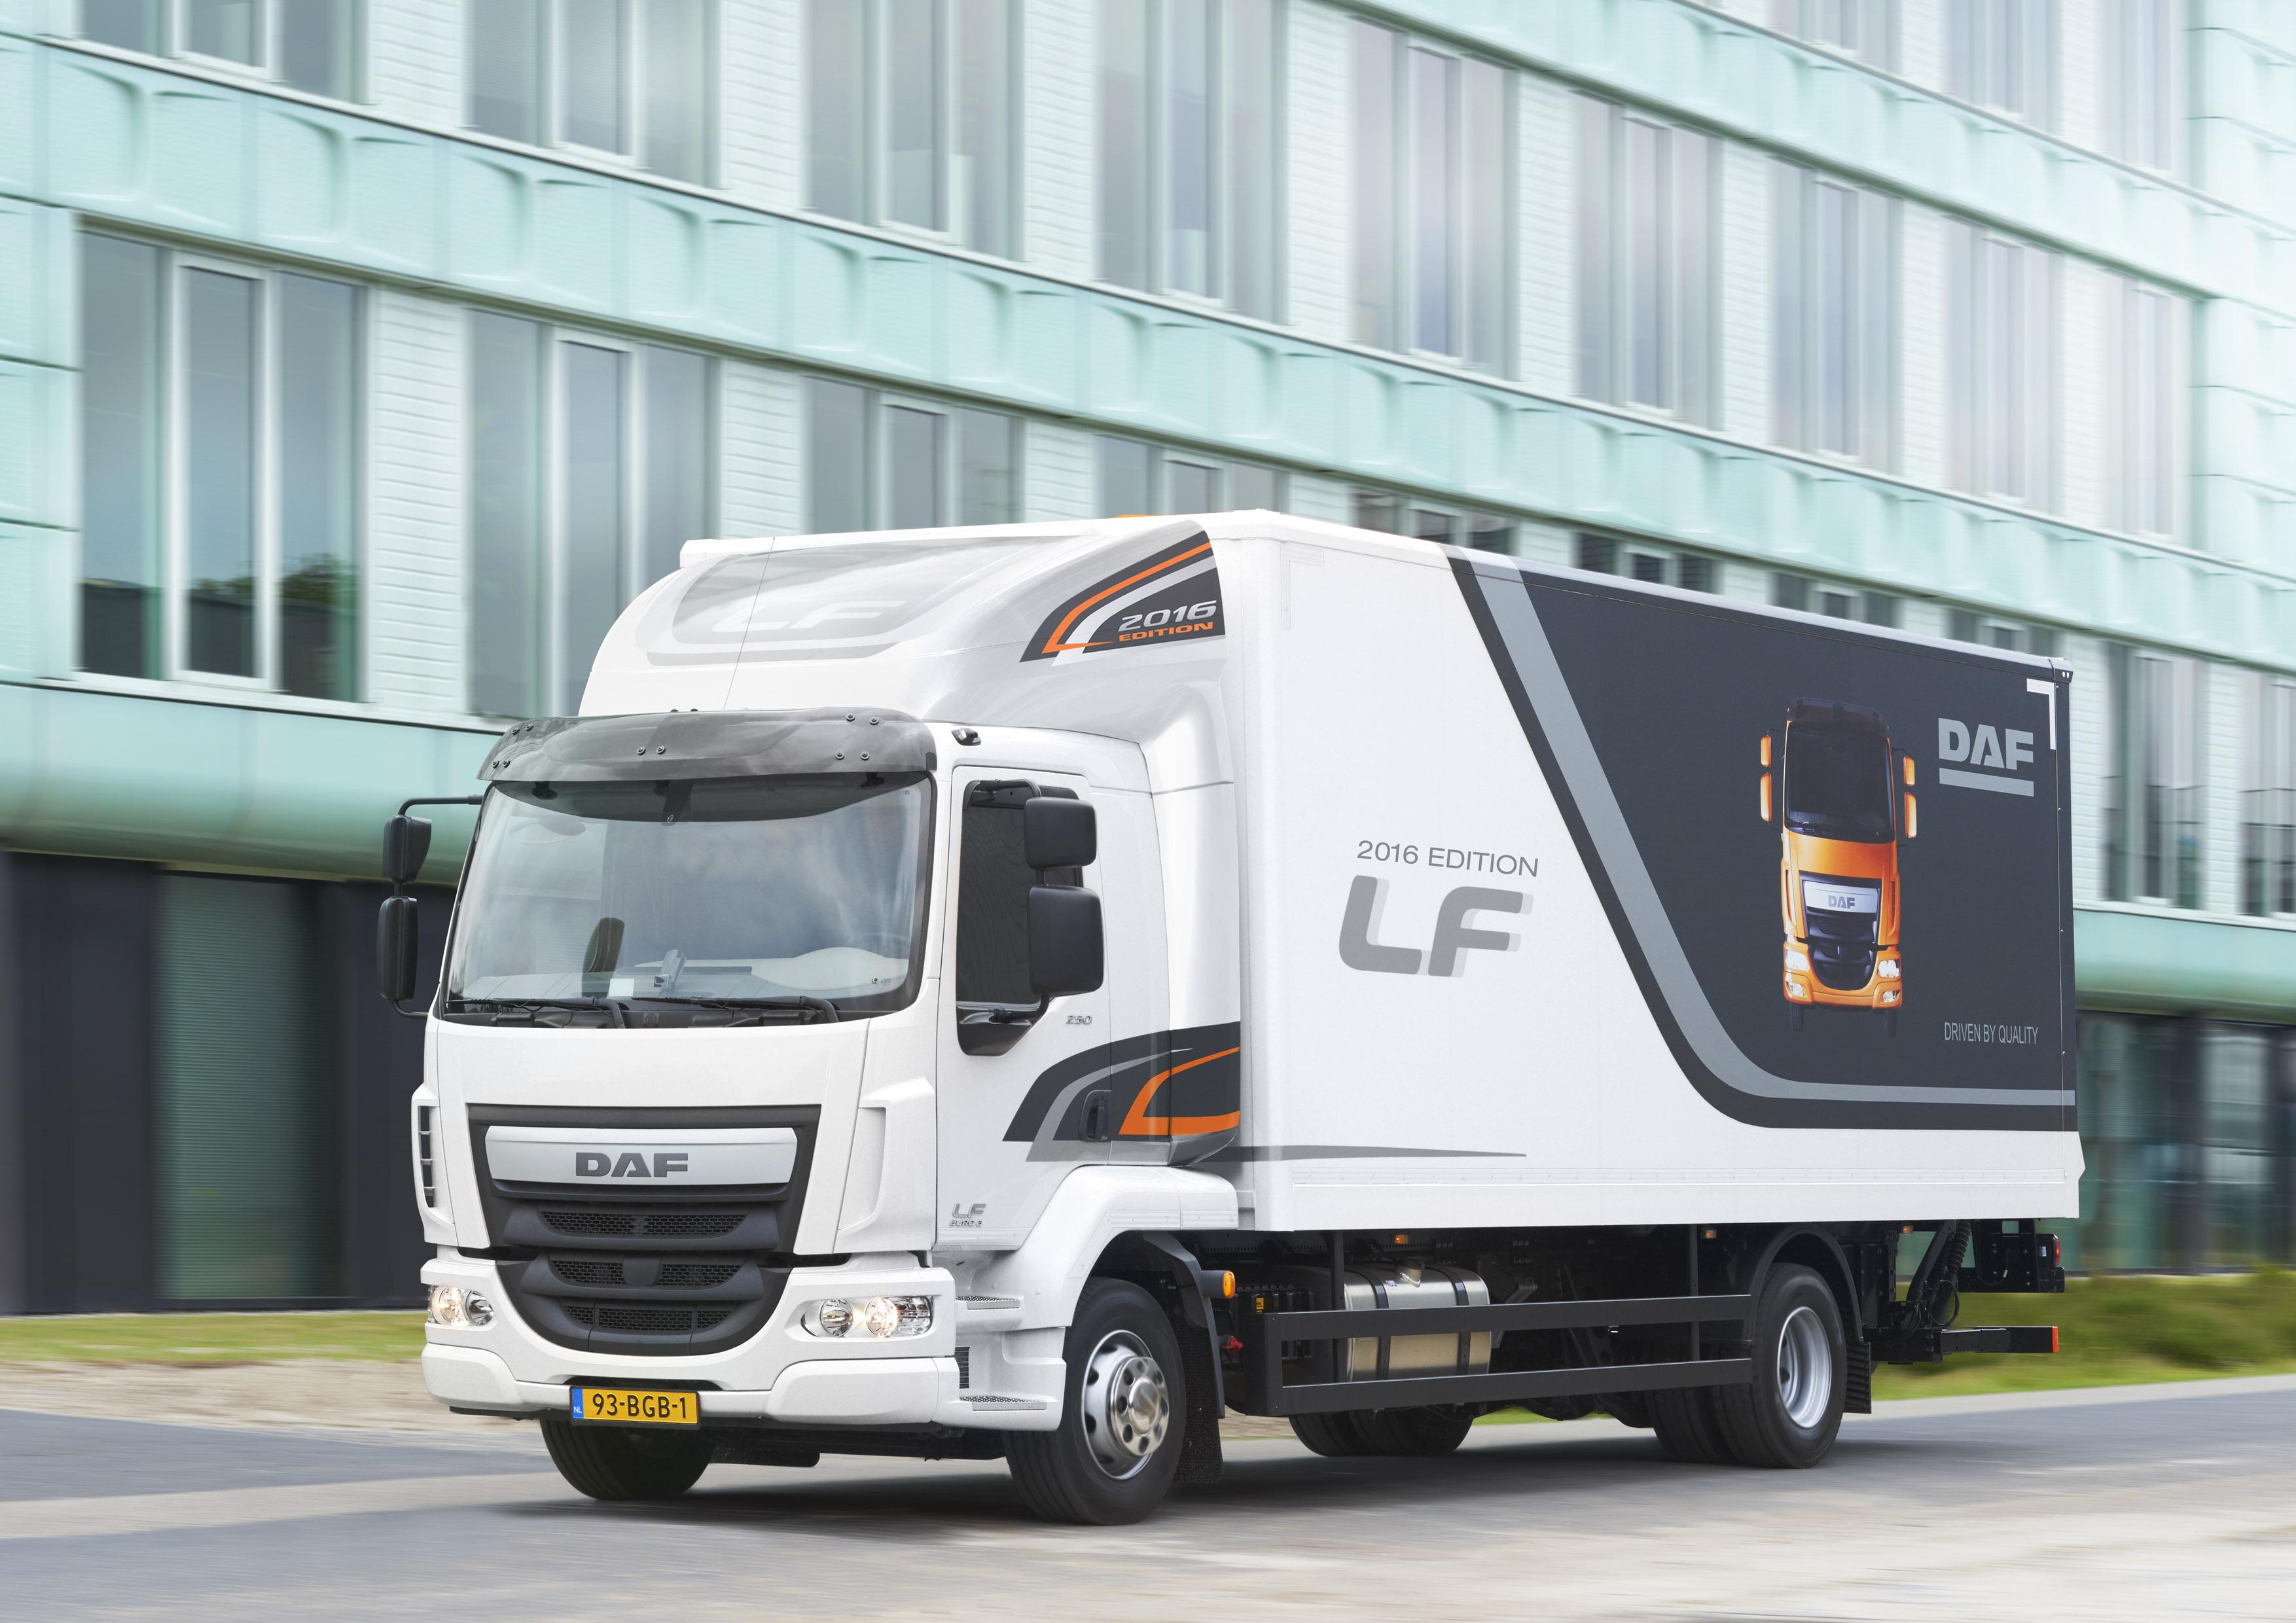 DAF introduces LF 2016 Edition - DAF Trucks N V